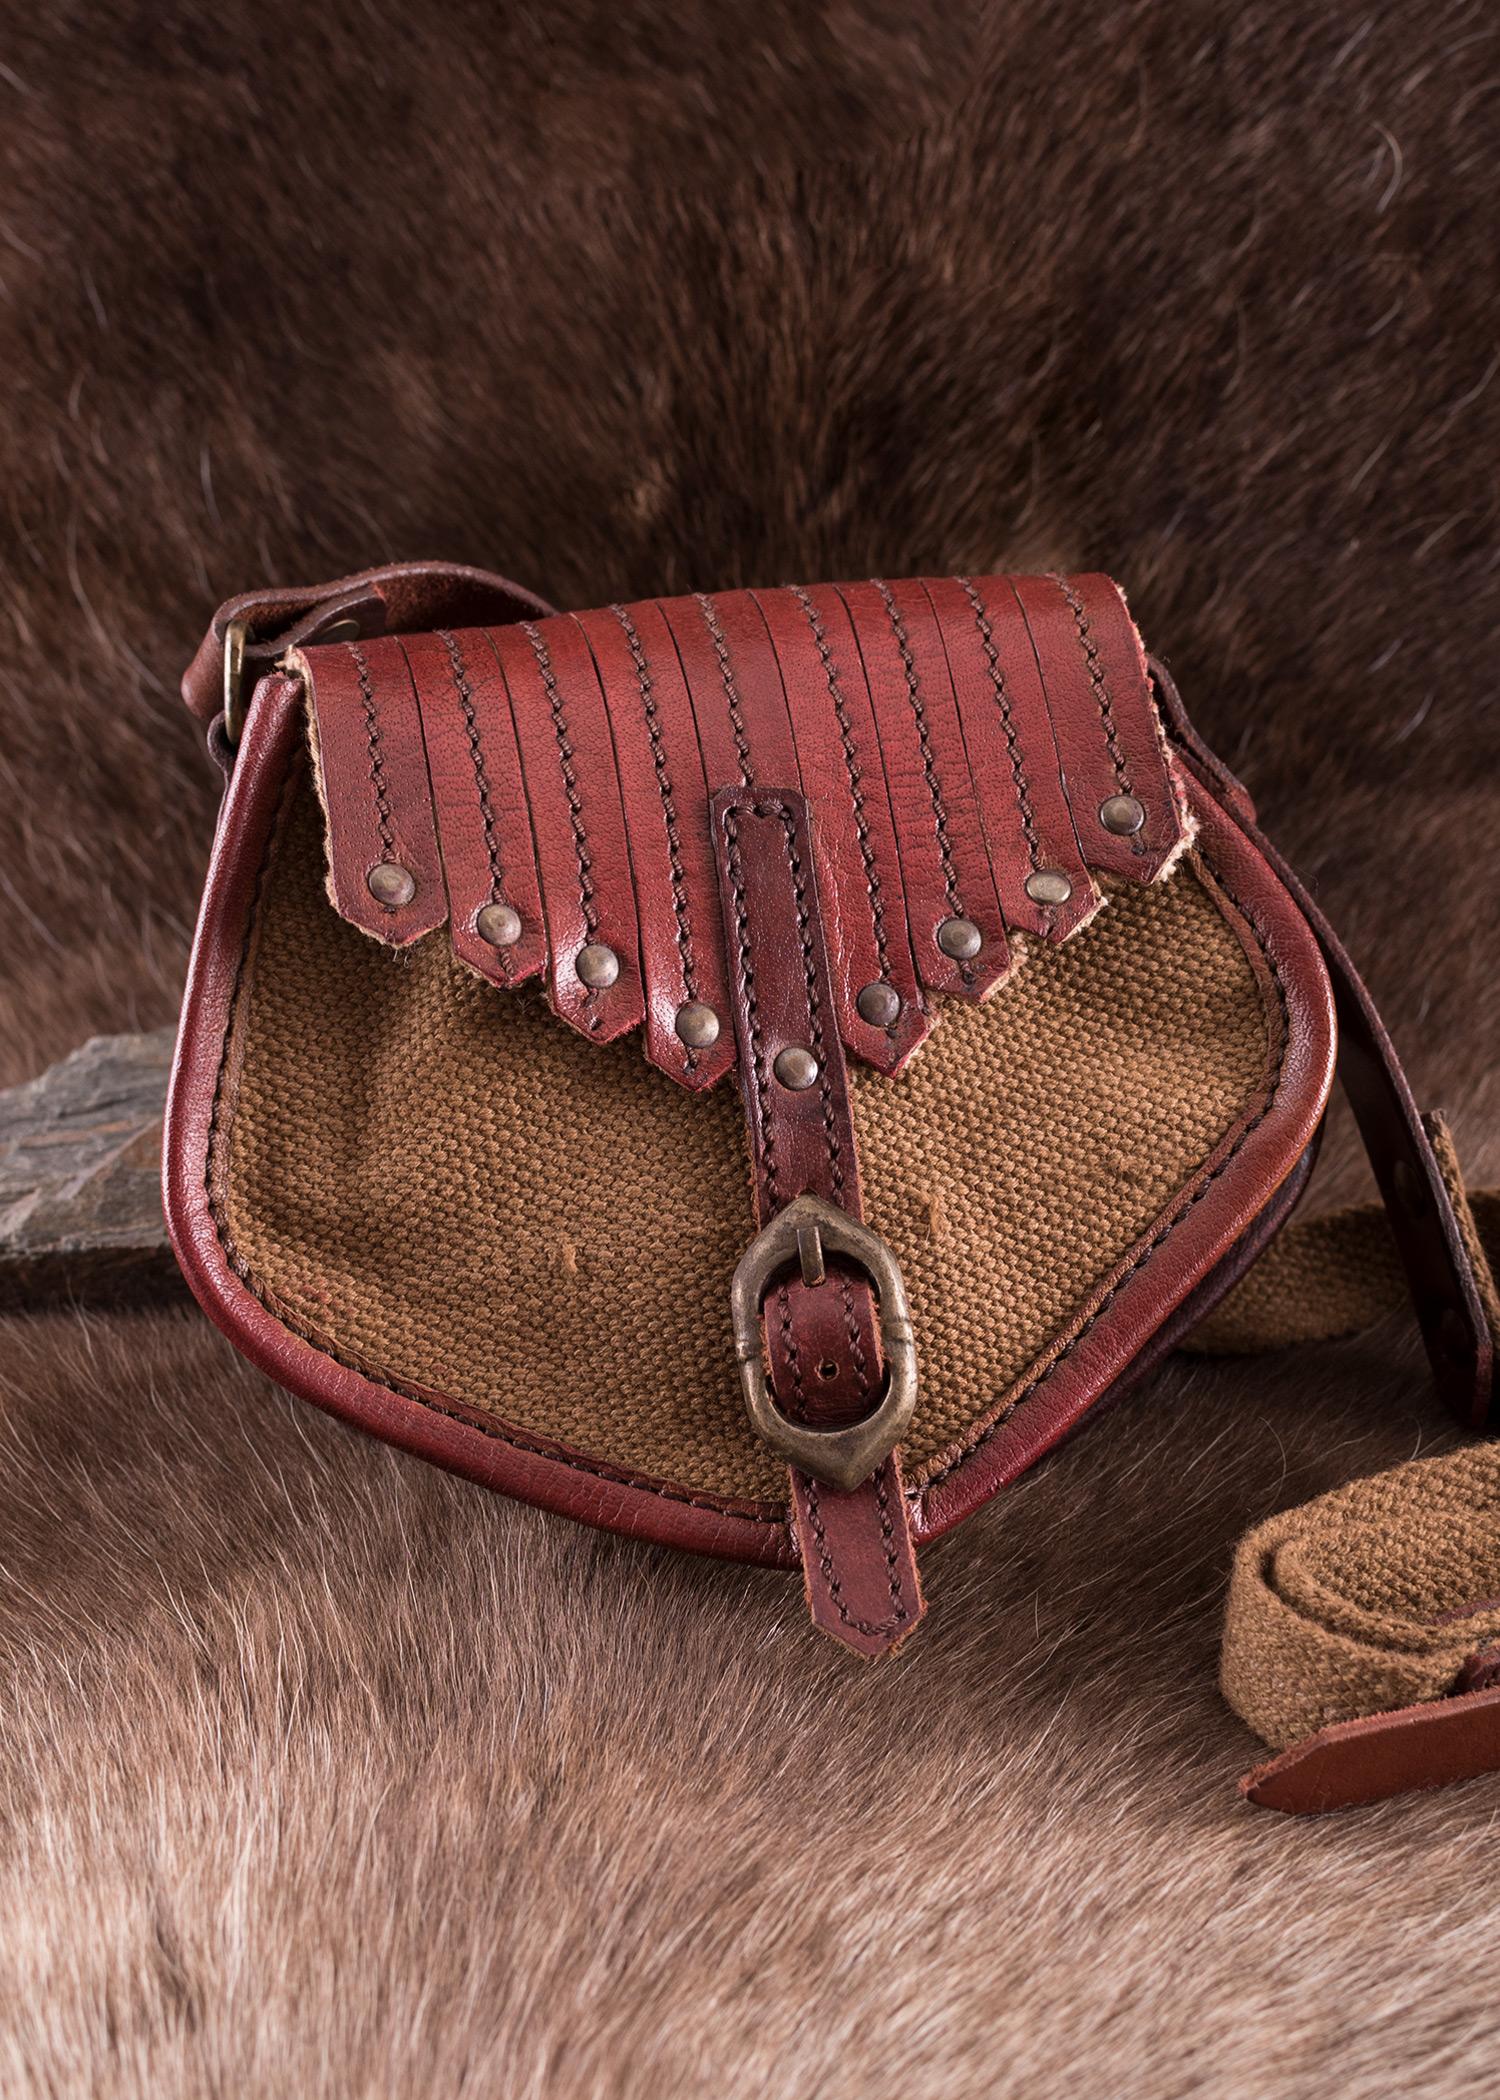 Viikinki henkinen laukku nahkaa ja canvasta